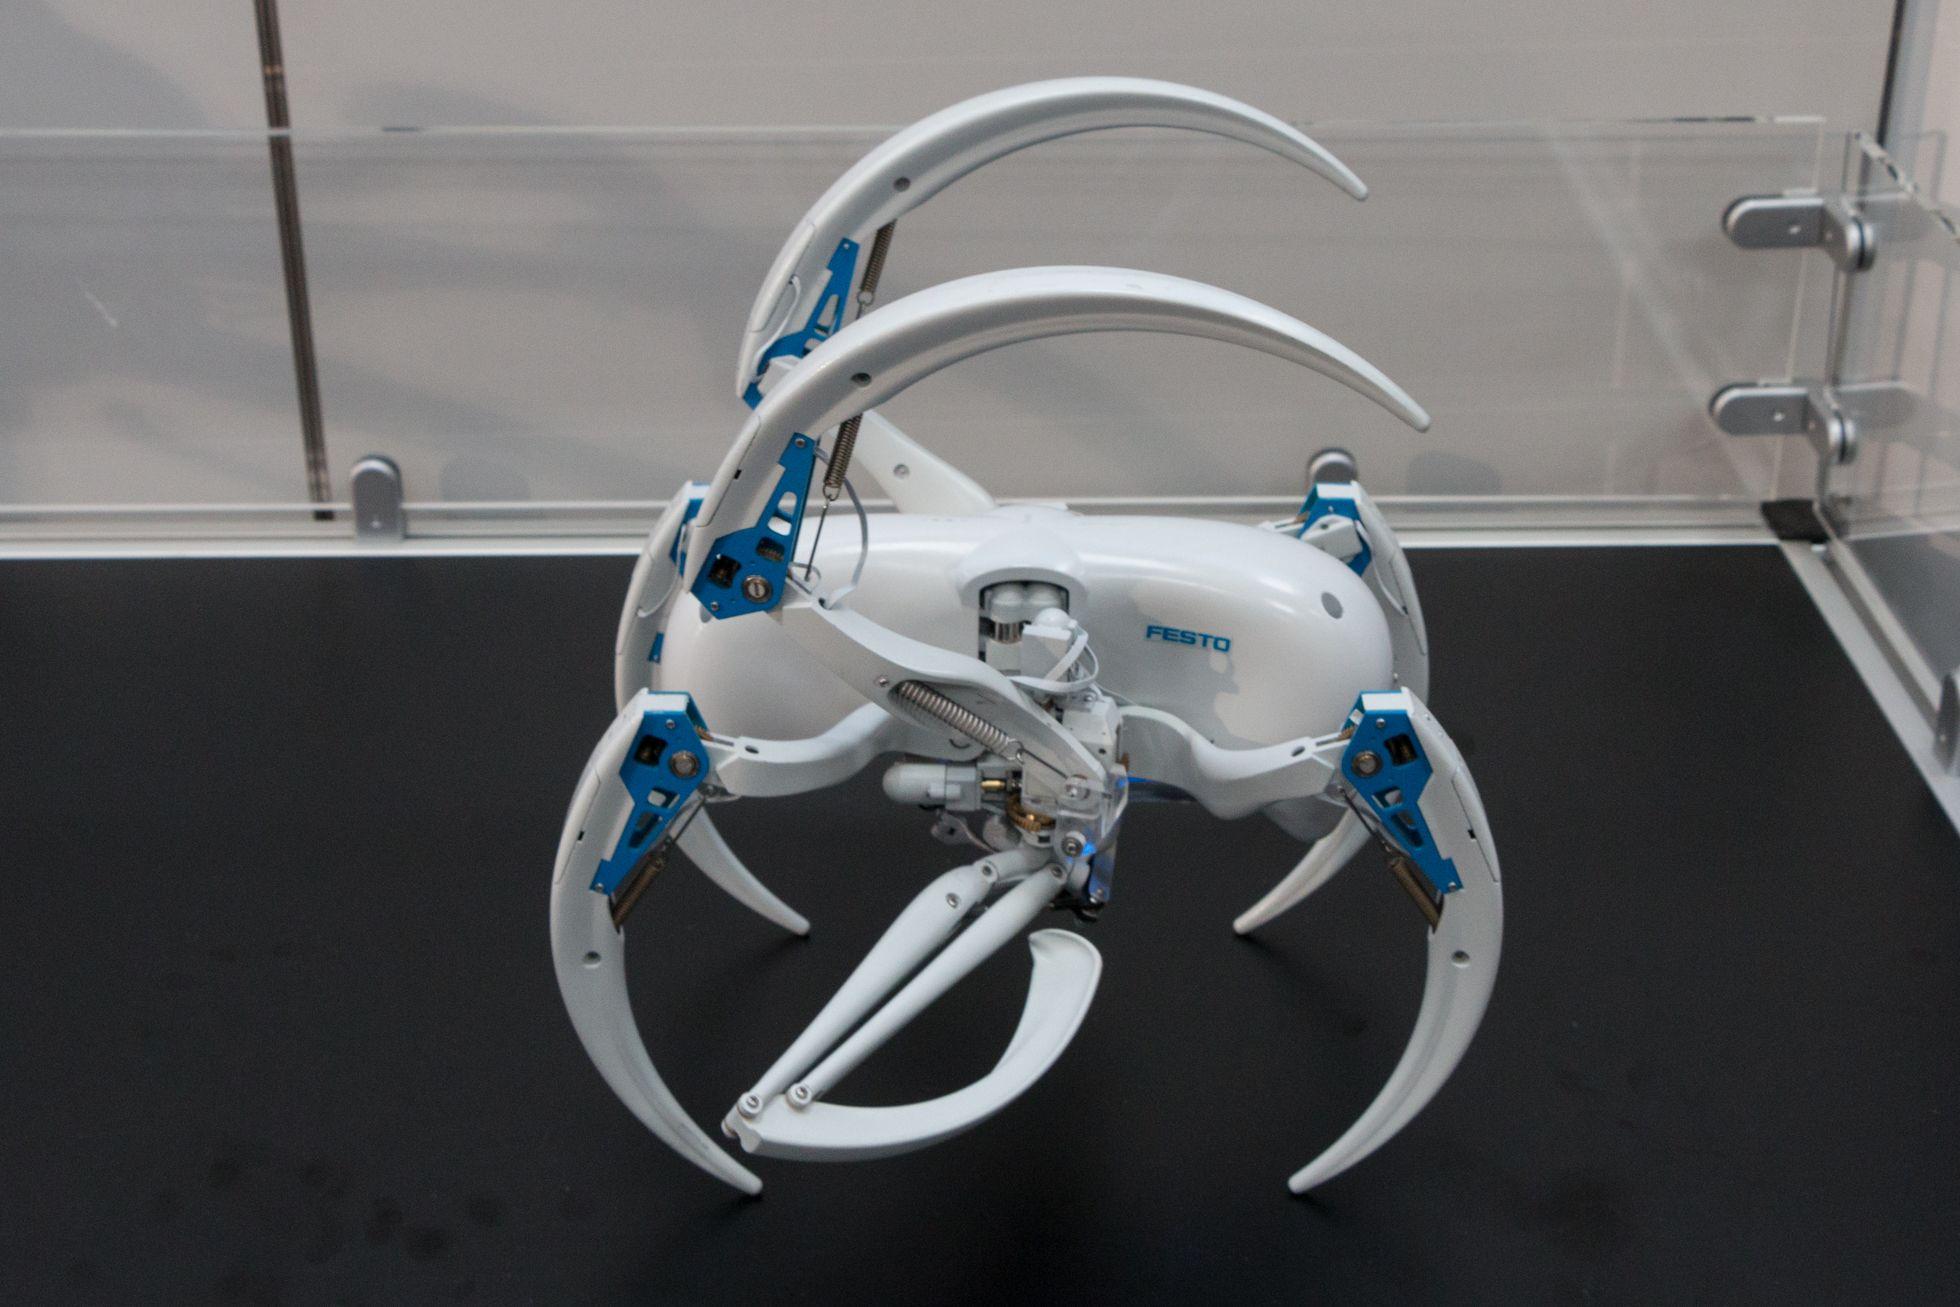 Bionic Wheel Bot: Festos Spinnenroboter rollt und läuft - Zum Rollen transformiert sich der Roboter. (Bild: Werner Pluta/Golem.de)